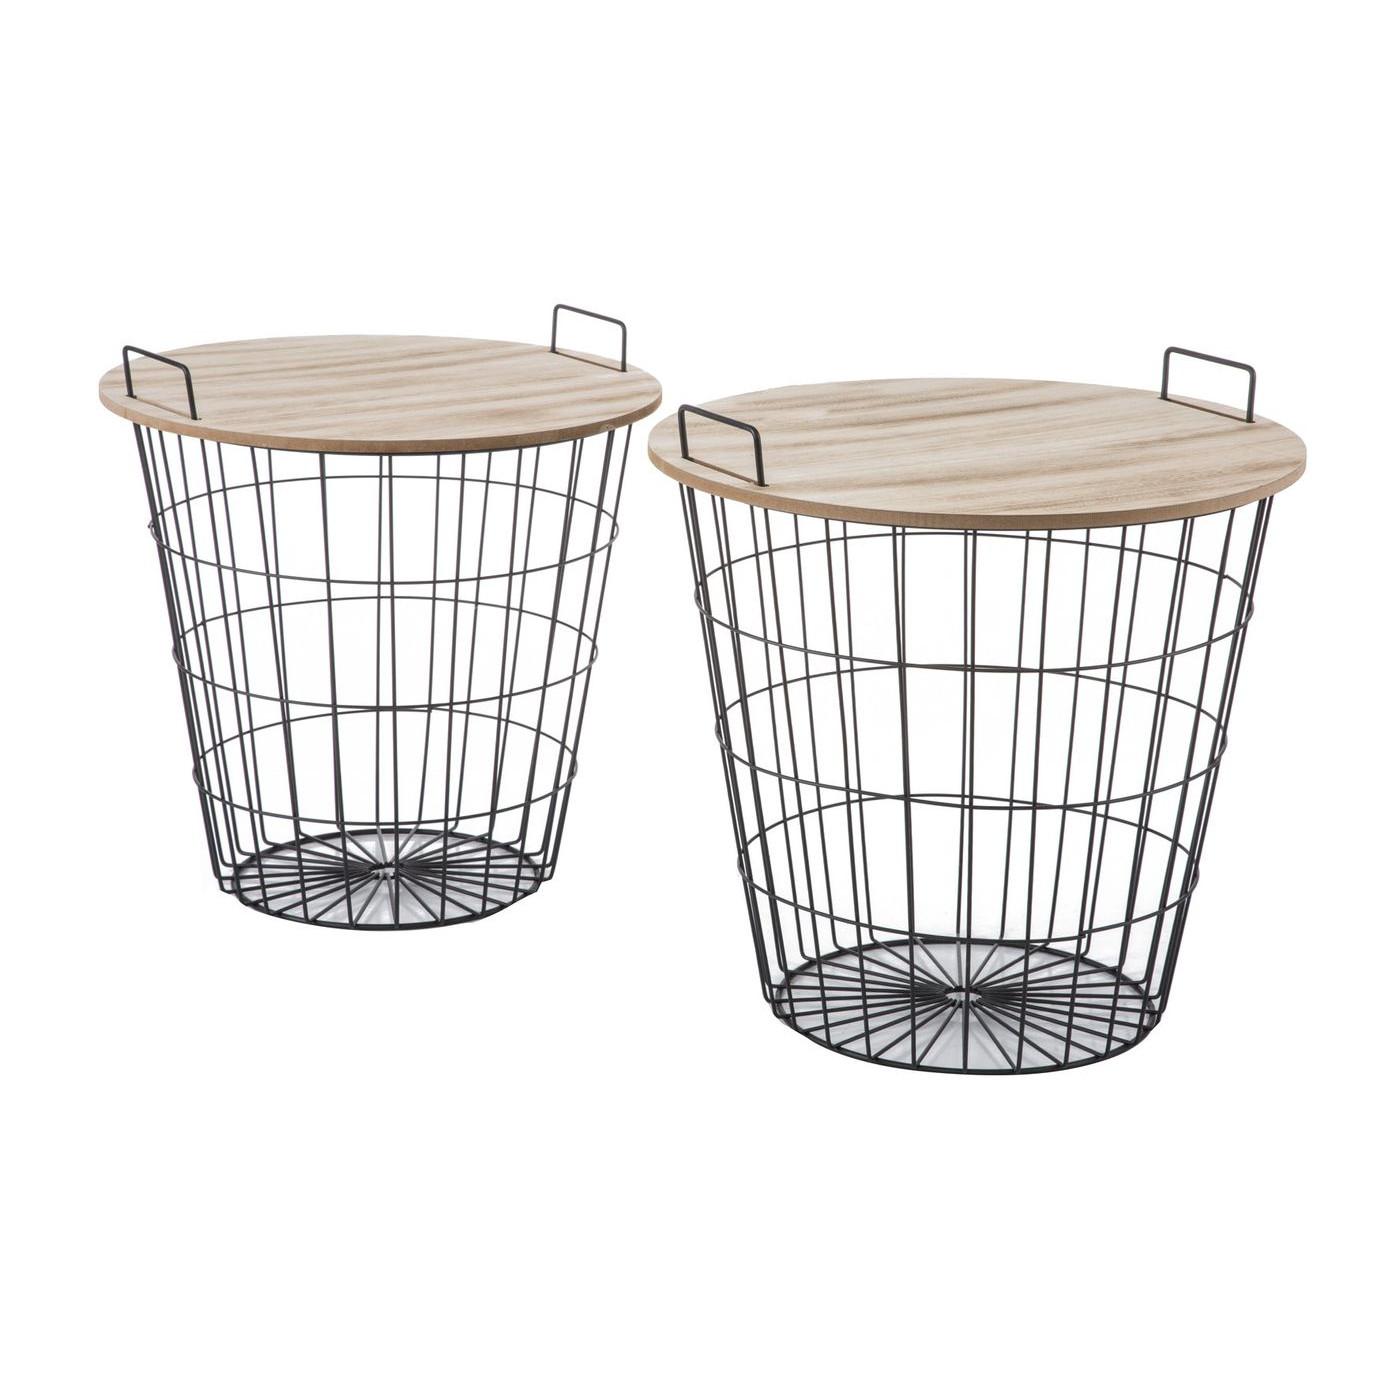 Komplet dwóch stolików drewno metal 42 x 42 x 45 cm / 4